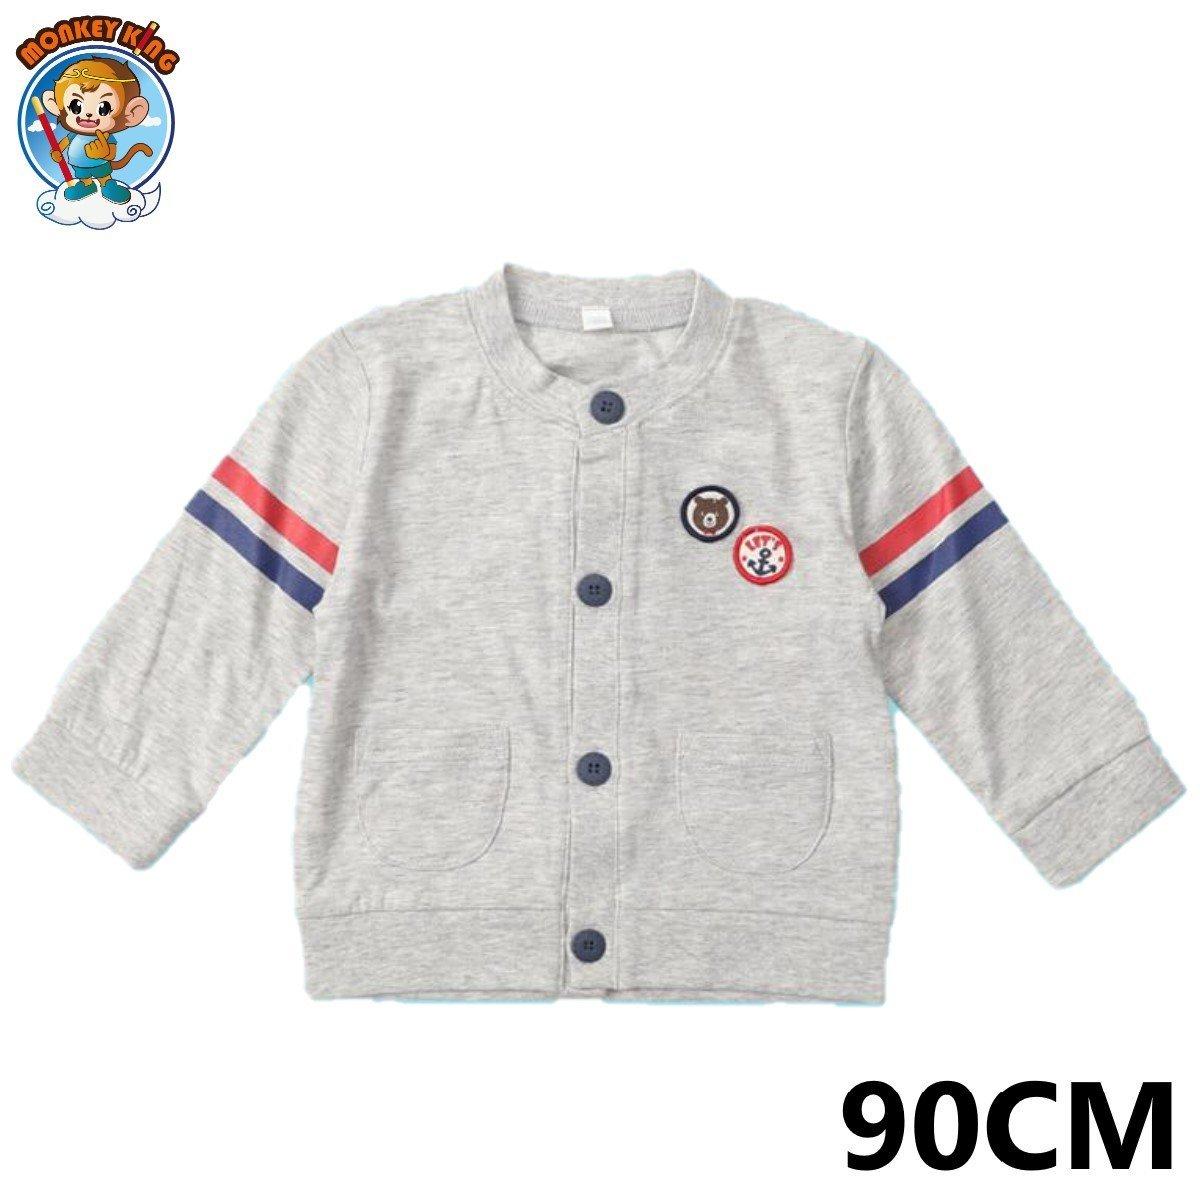 London Style Coat/Jacket (90CM) - Grey